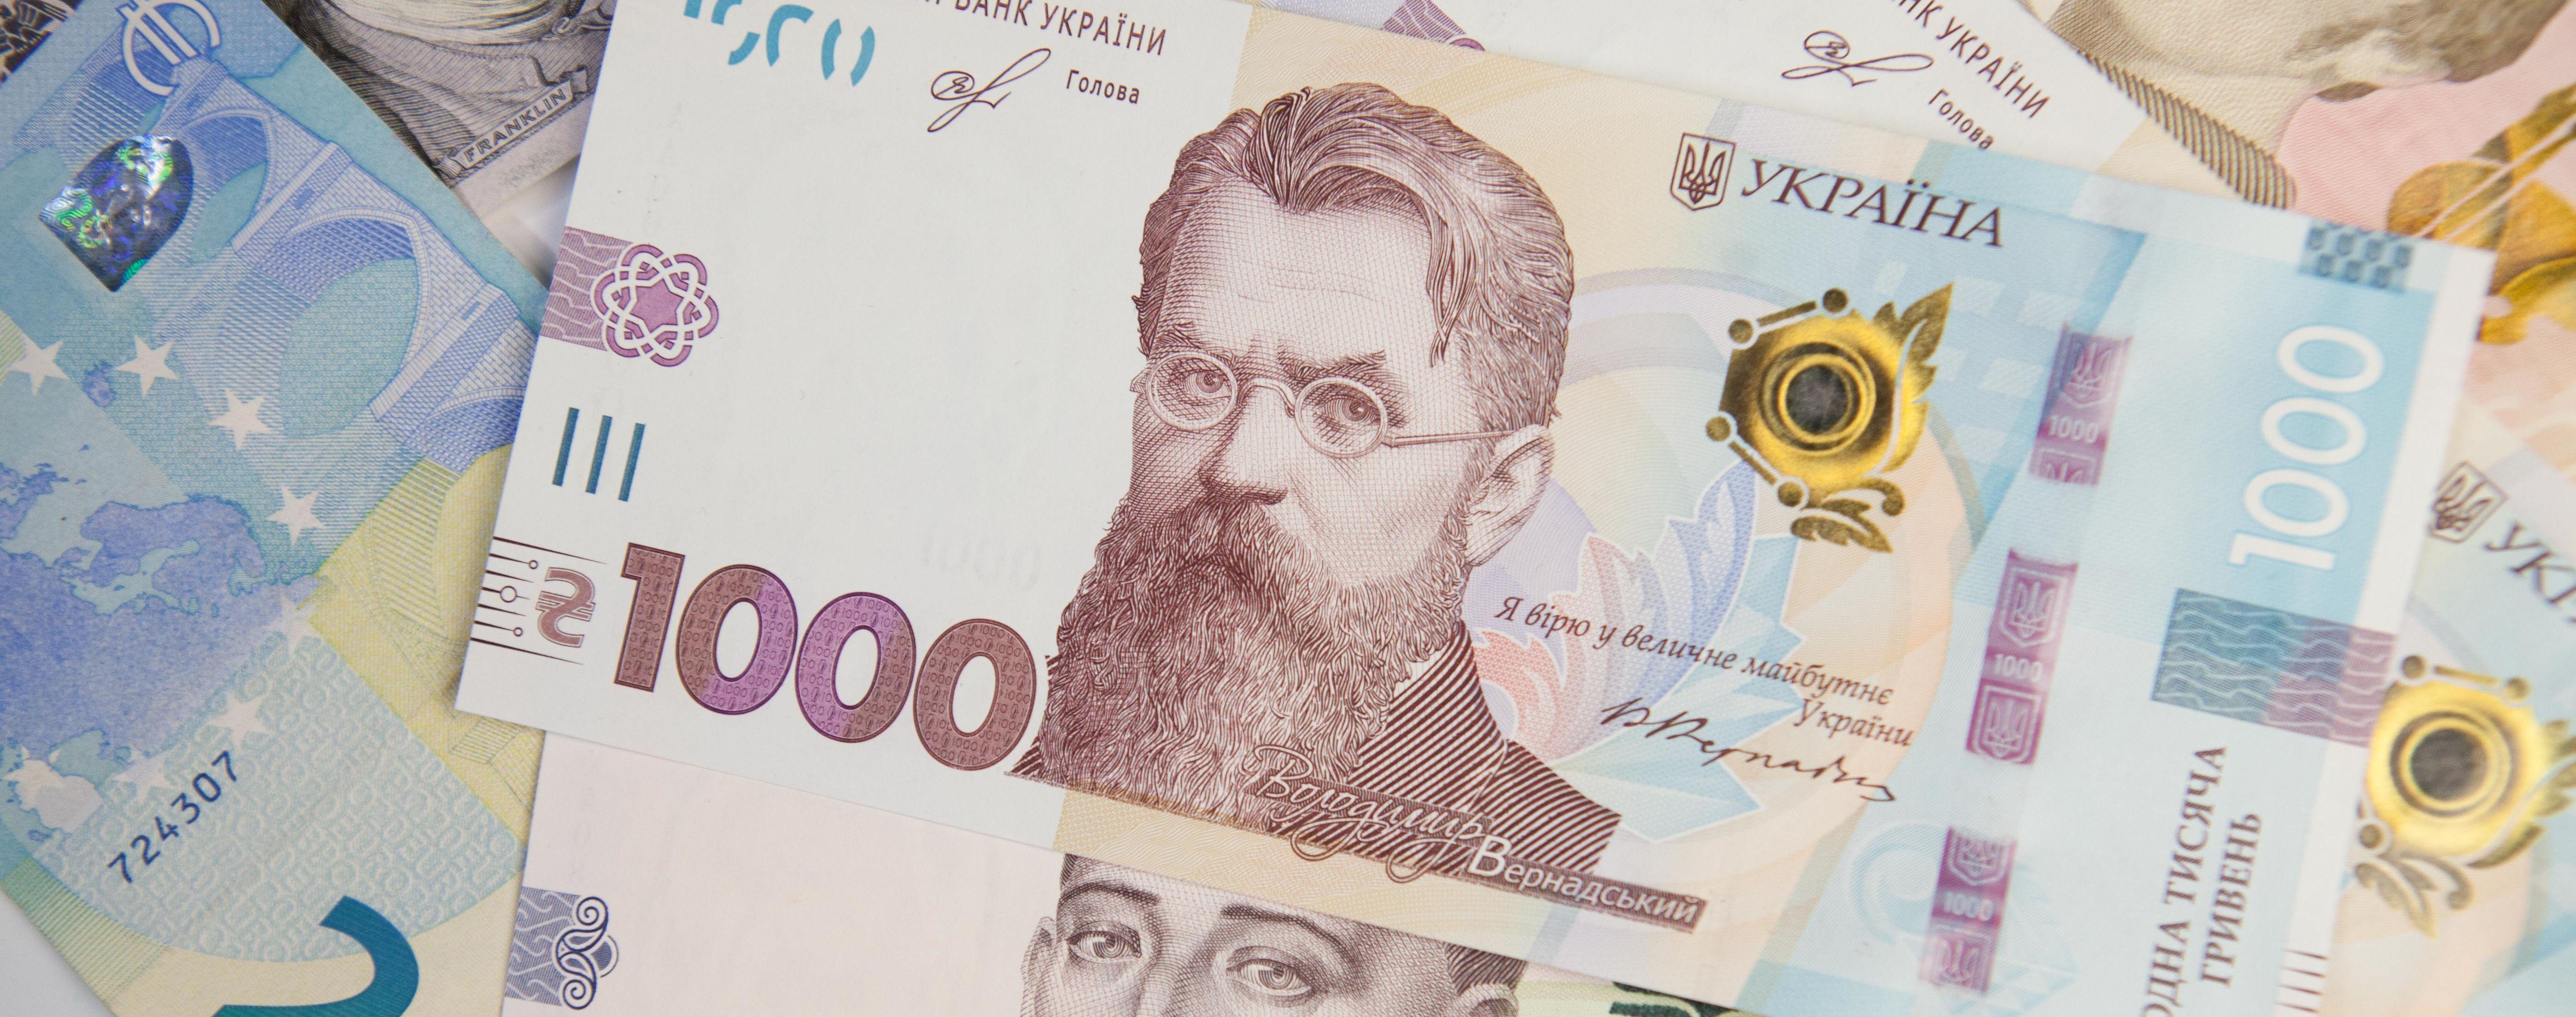 Опалювальний сезон в Україні: чи очікувати зростання цін на газ взимку